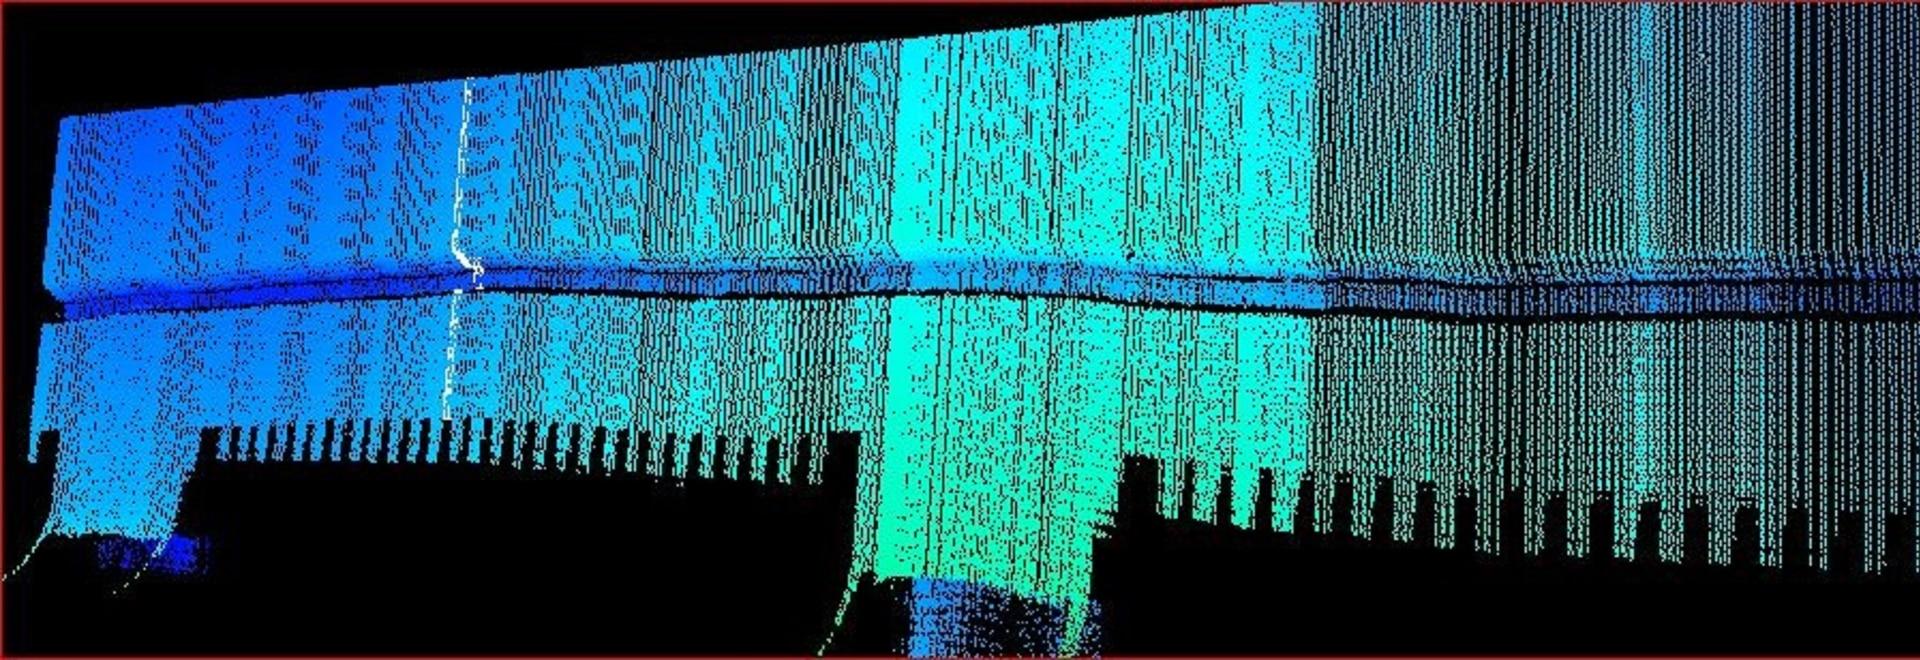 Ispezione dei giunti derivando dalla saldatura del fascio di elettroni